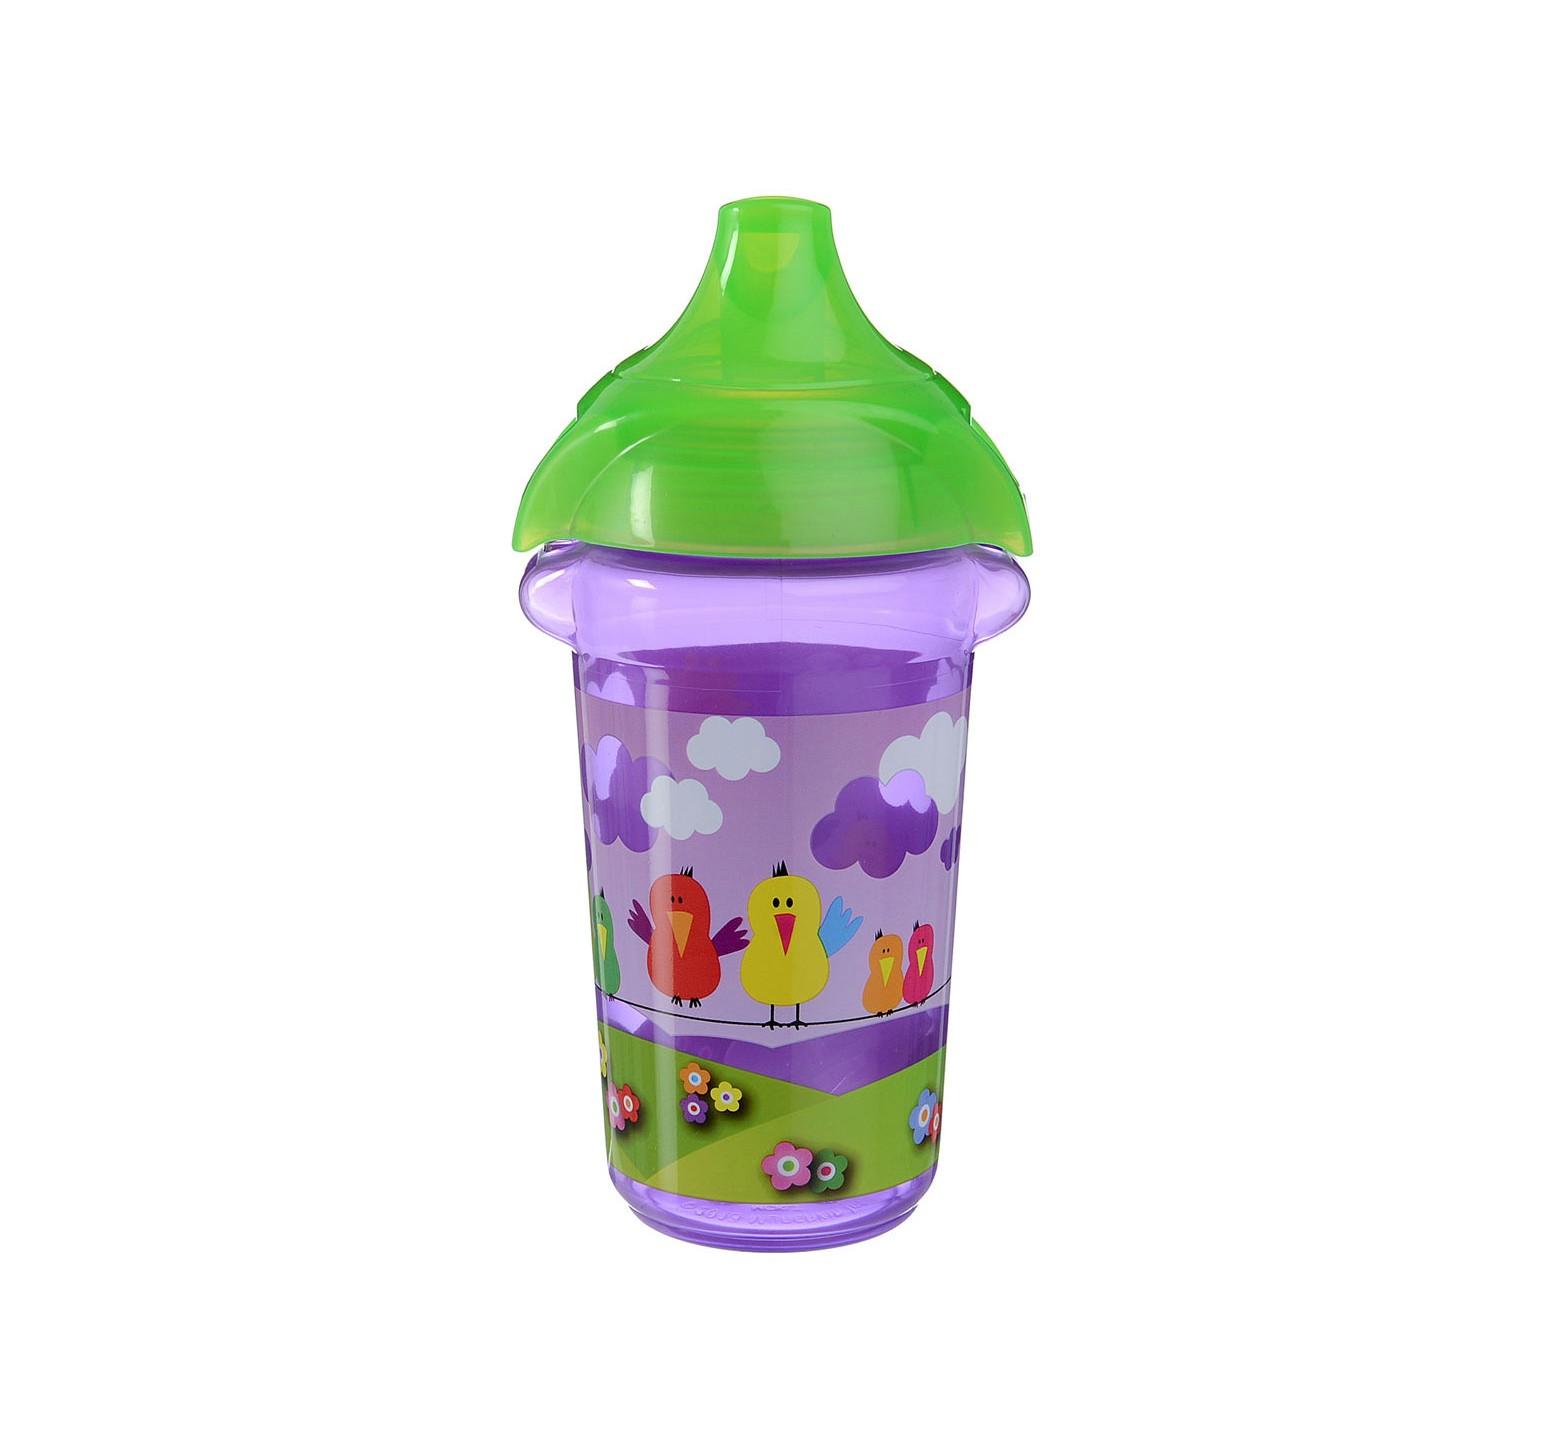 Munchkin Vaso de entrenamiento pico rígido lila tapa verde